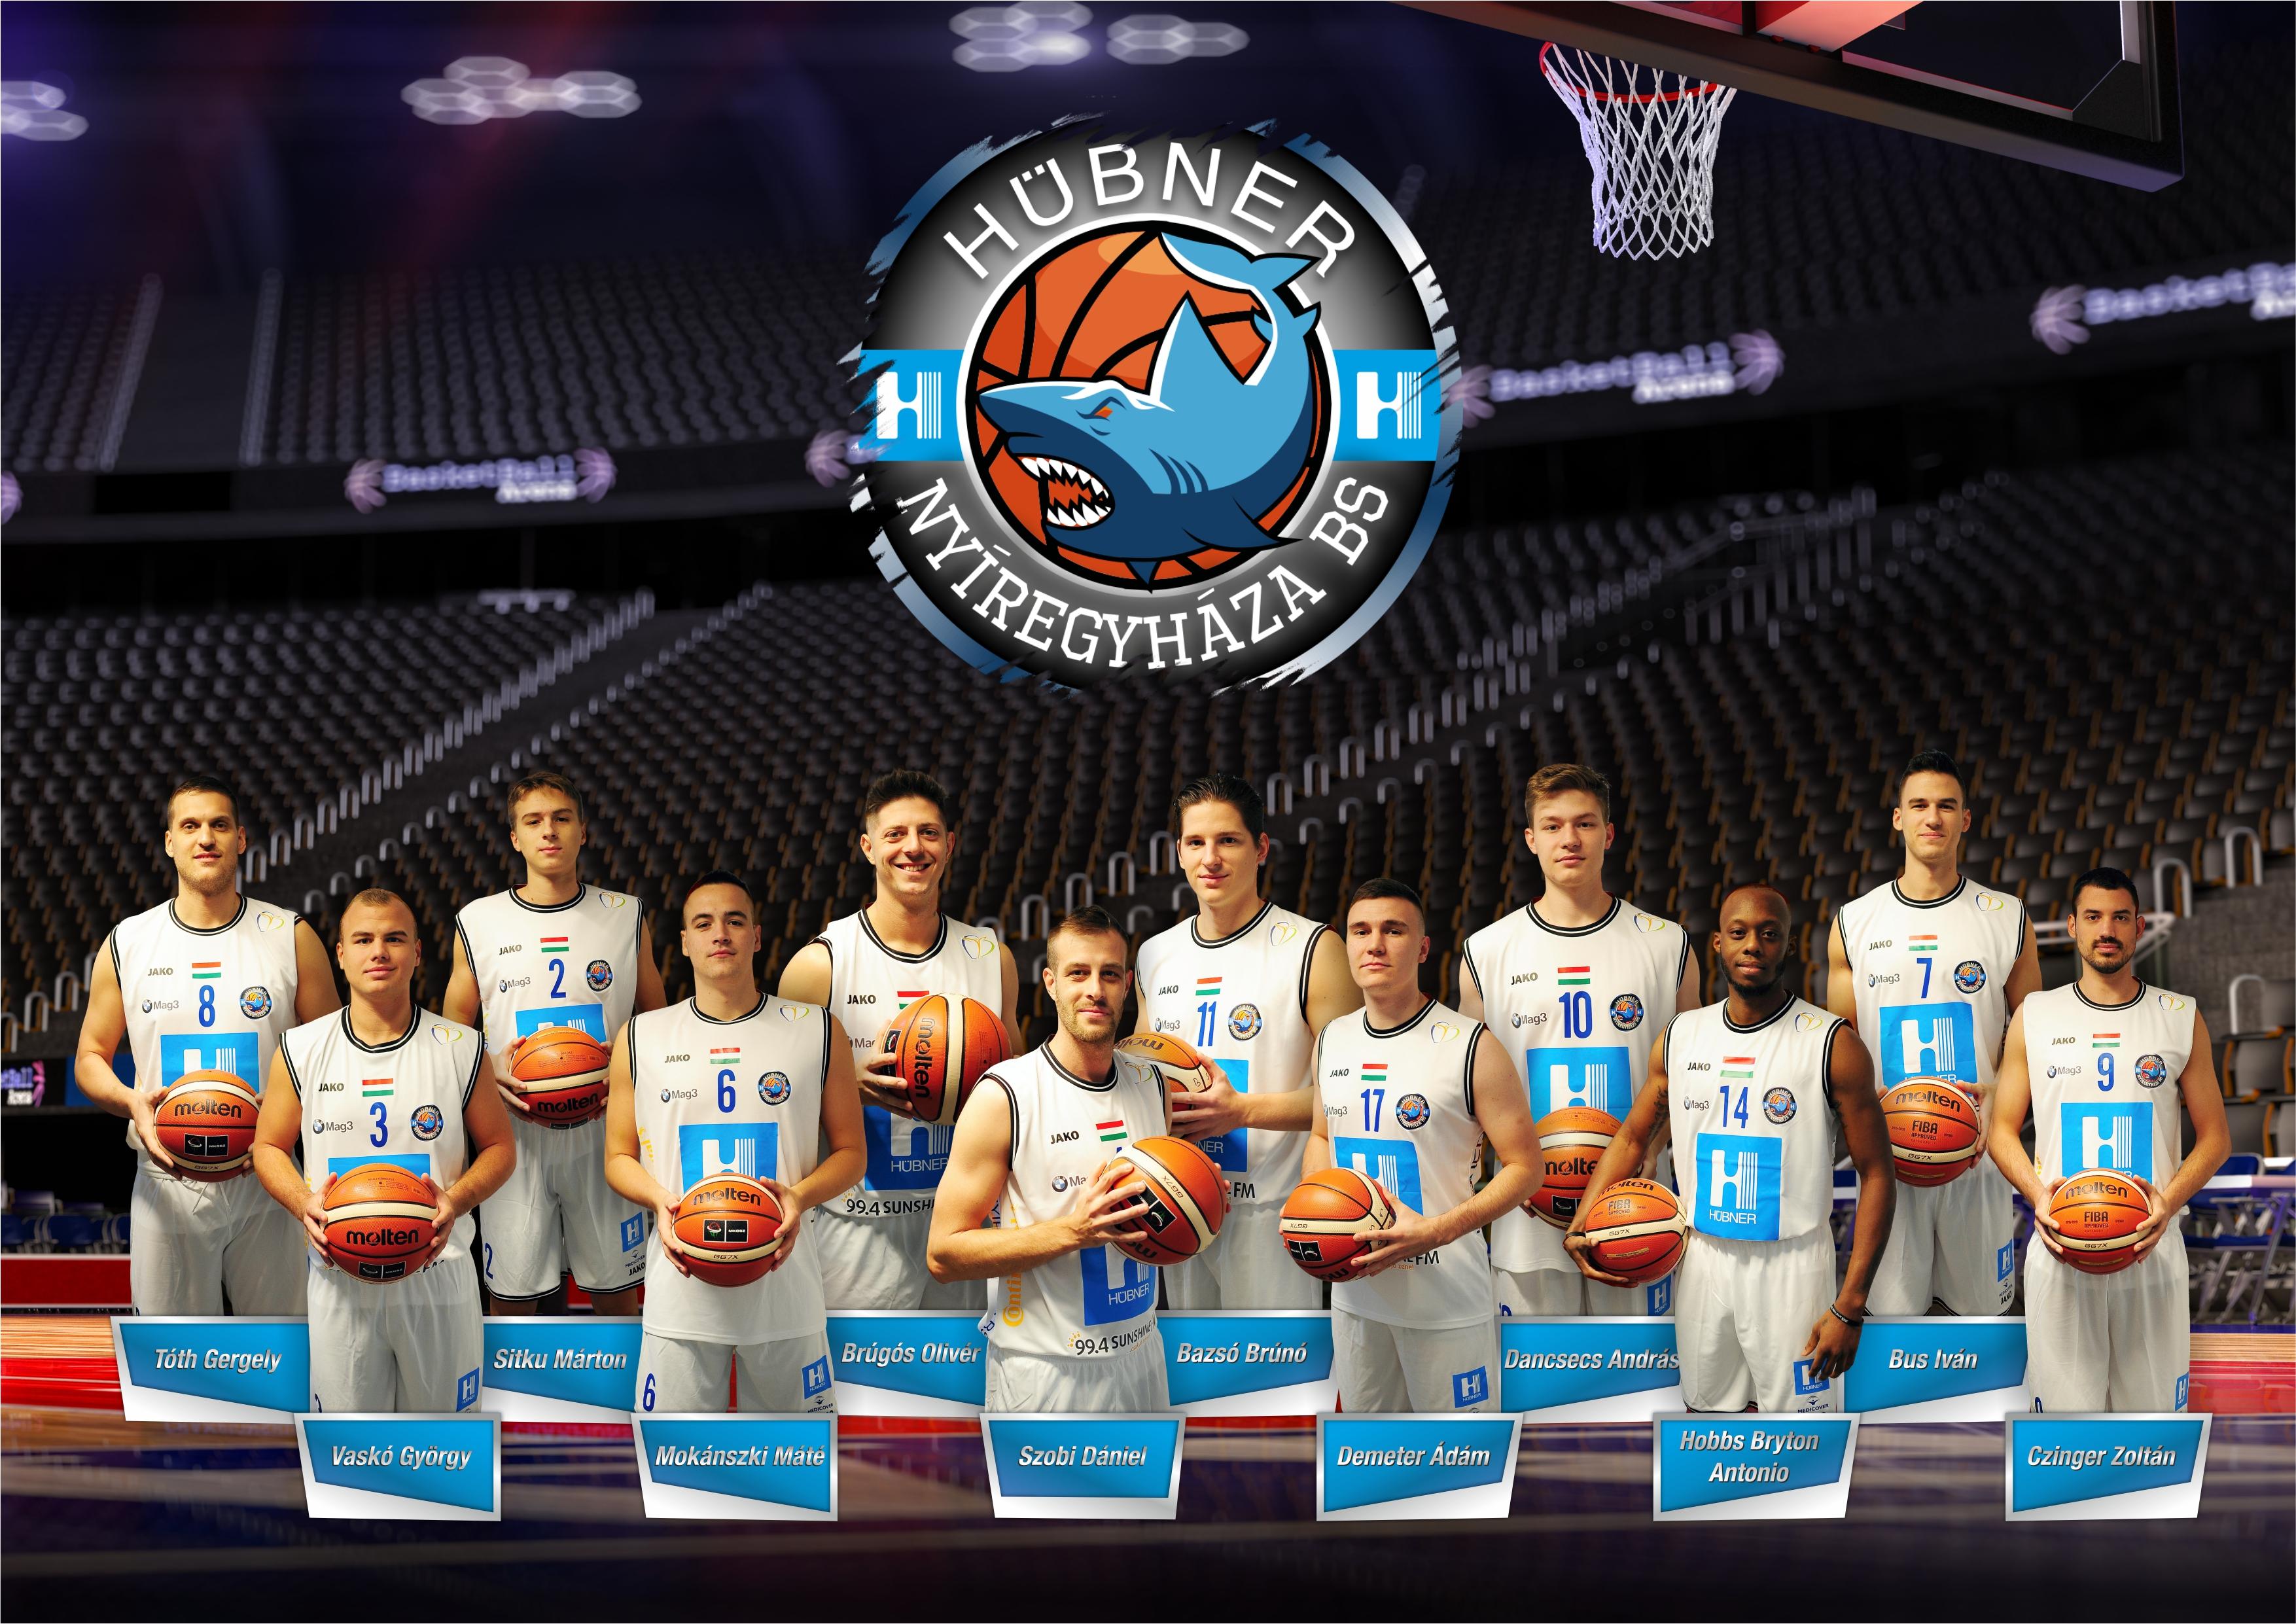 Kosárlabda rangadó a Continental Arénában